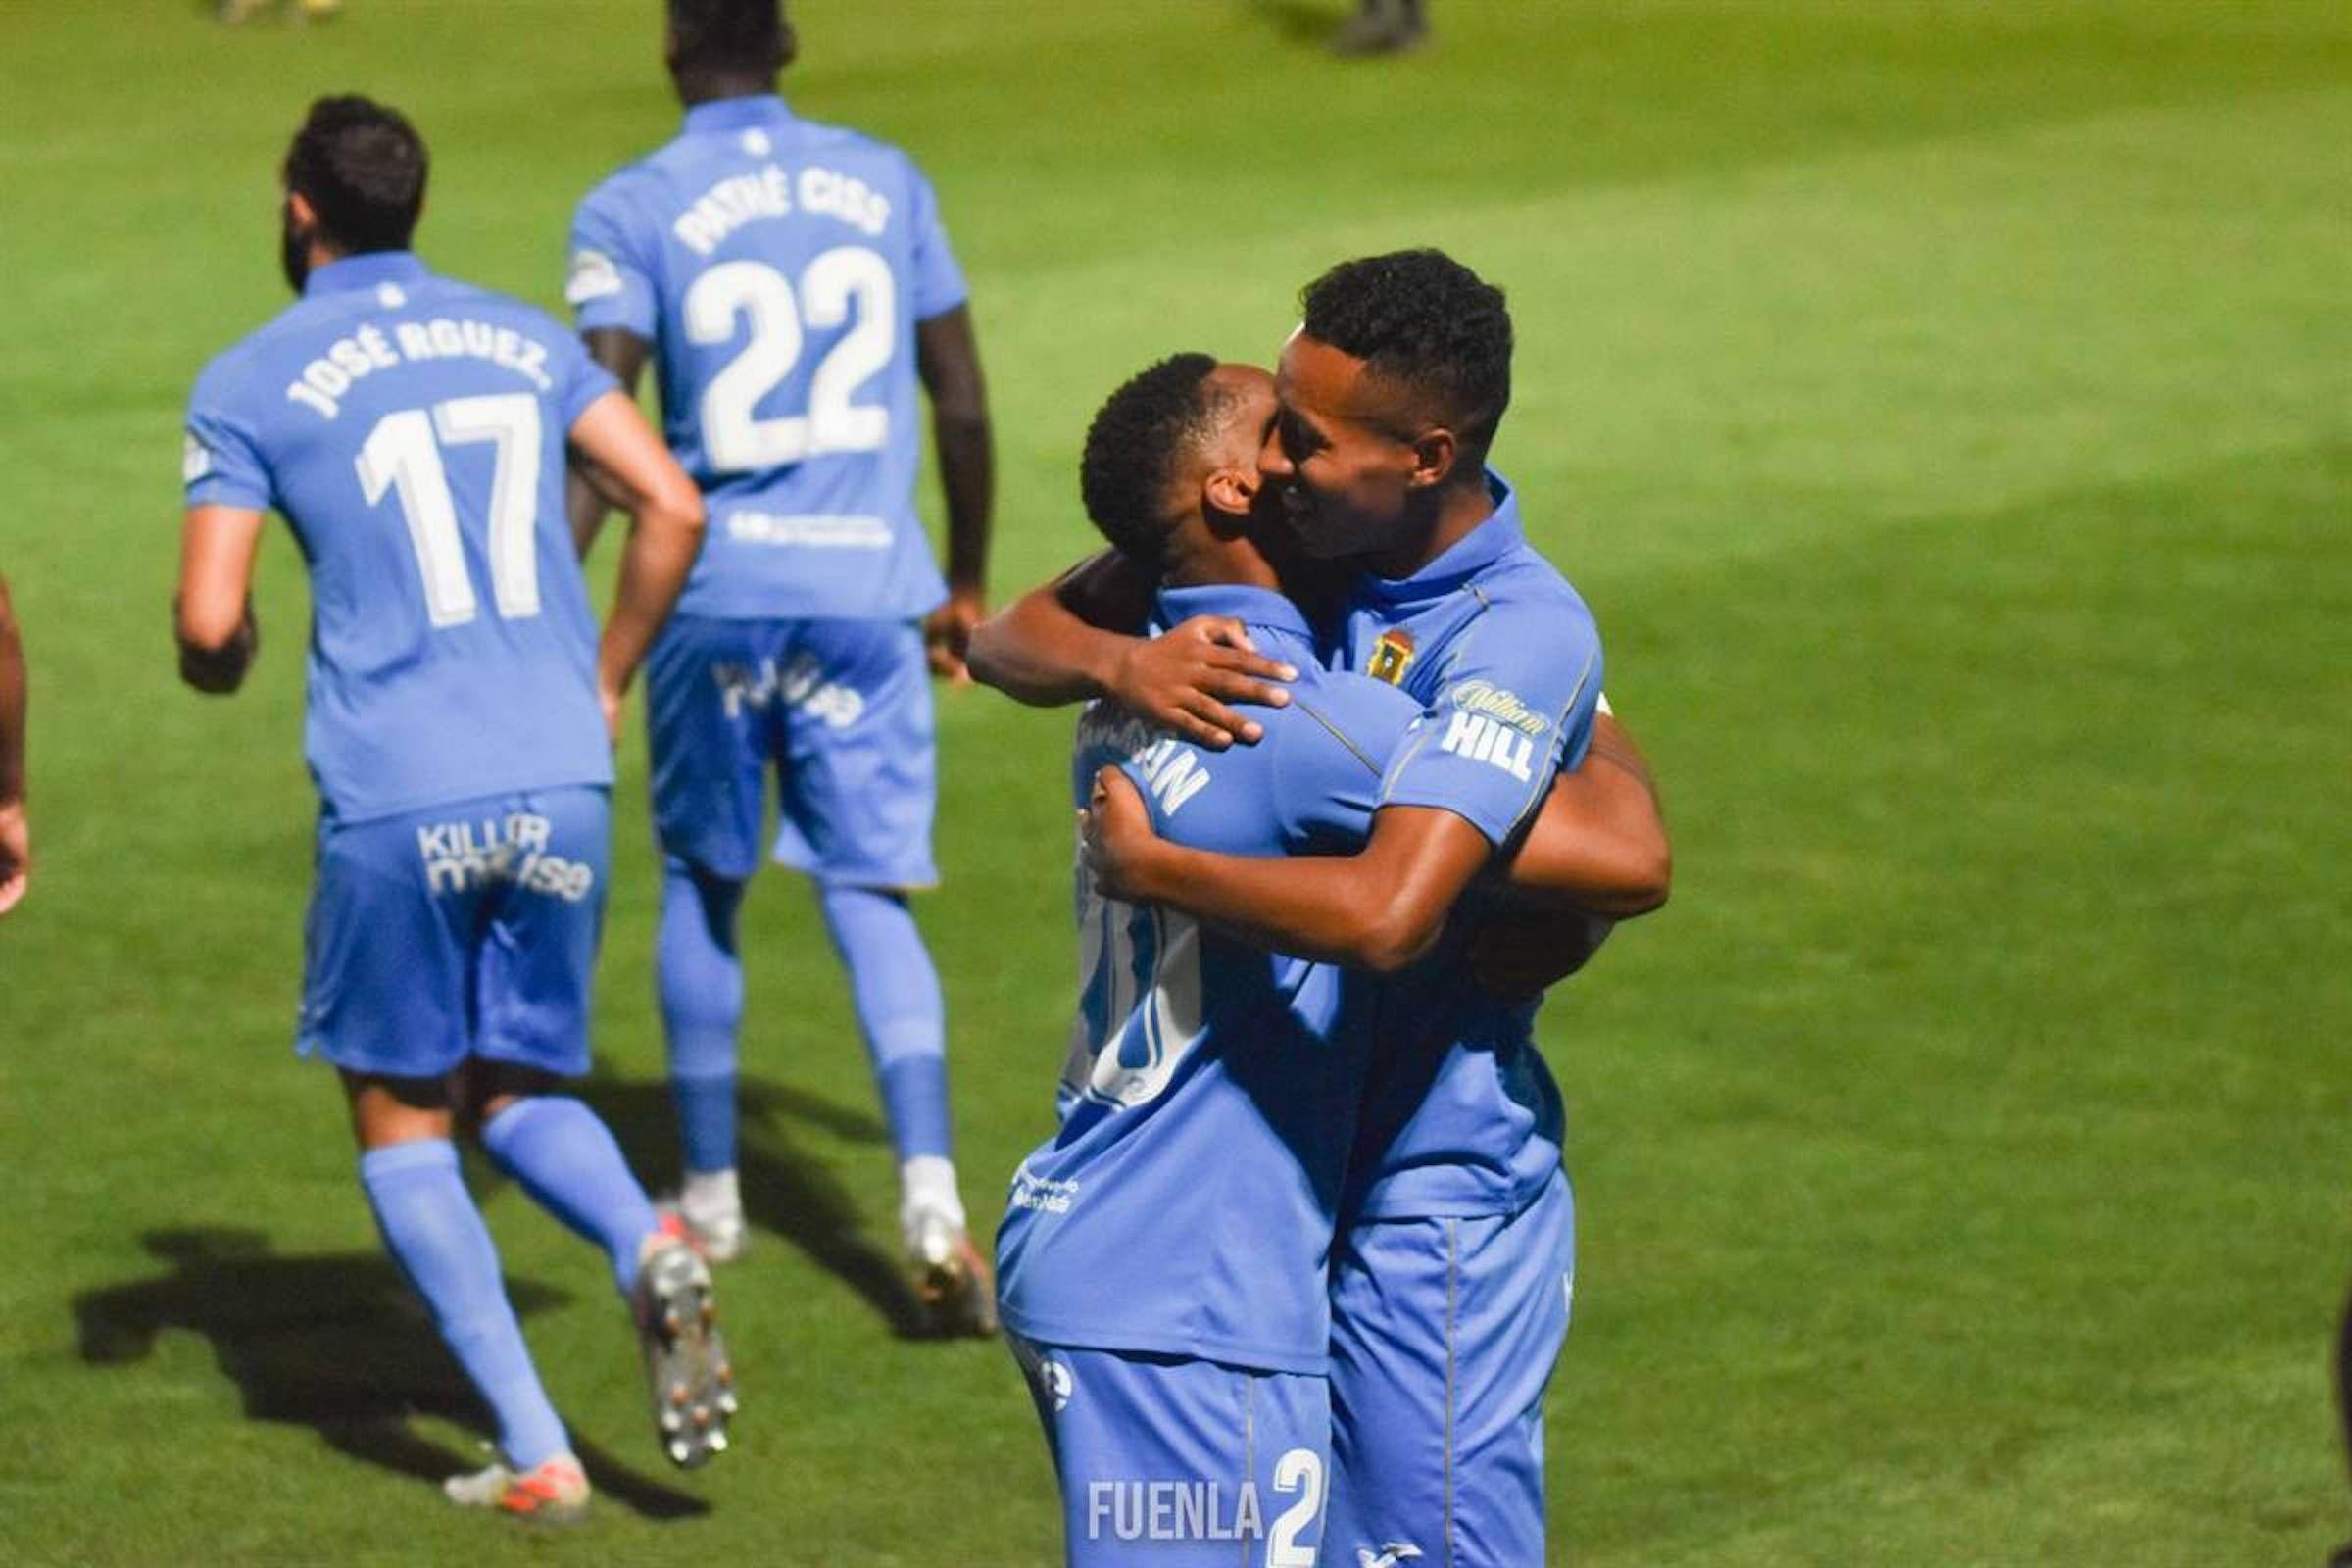 Jugadors del Fuenlabrada celebren un gol | @CFuenlabradaSAD